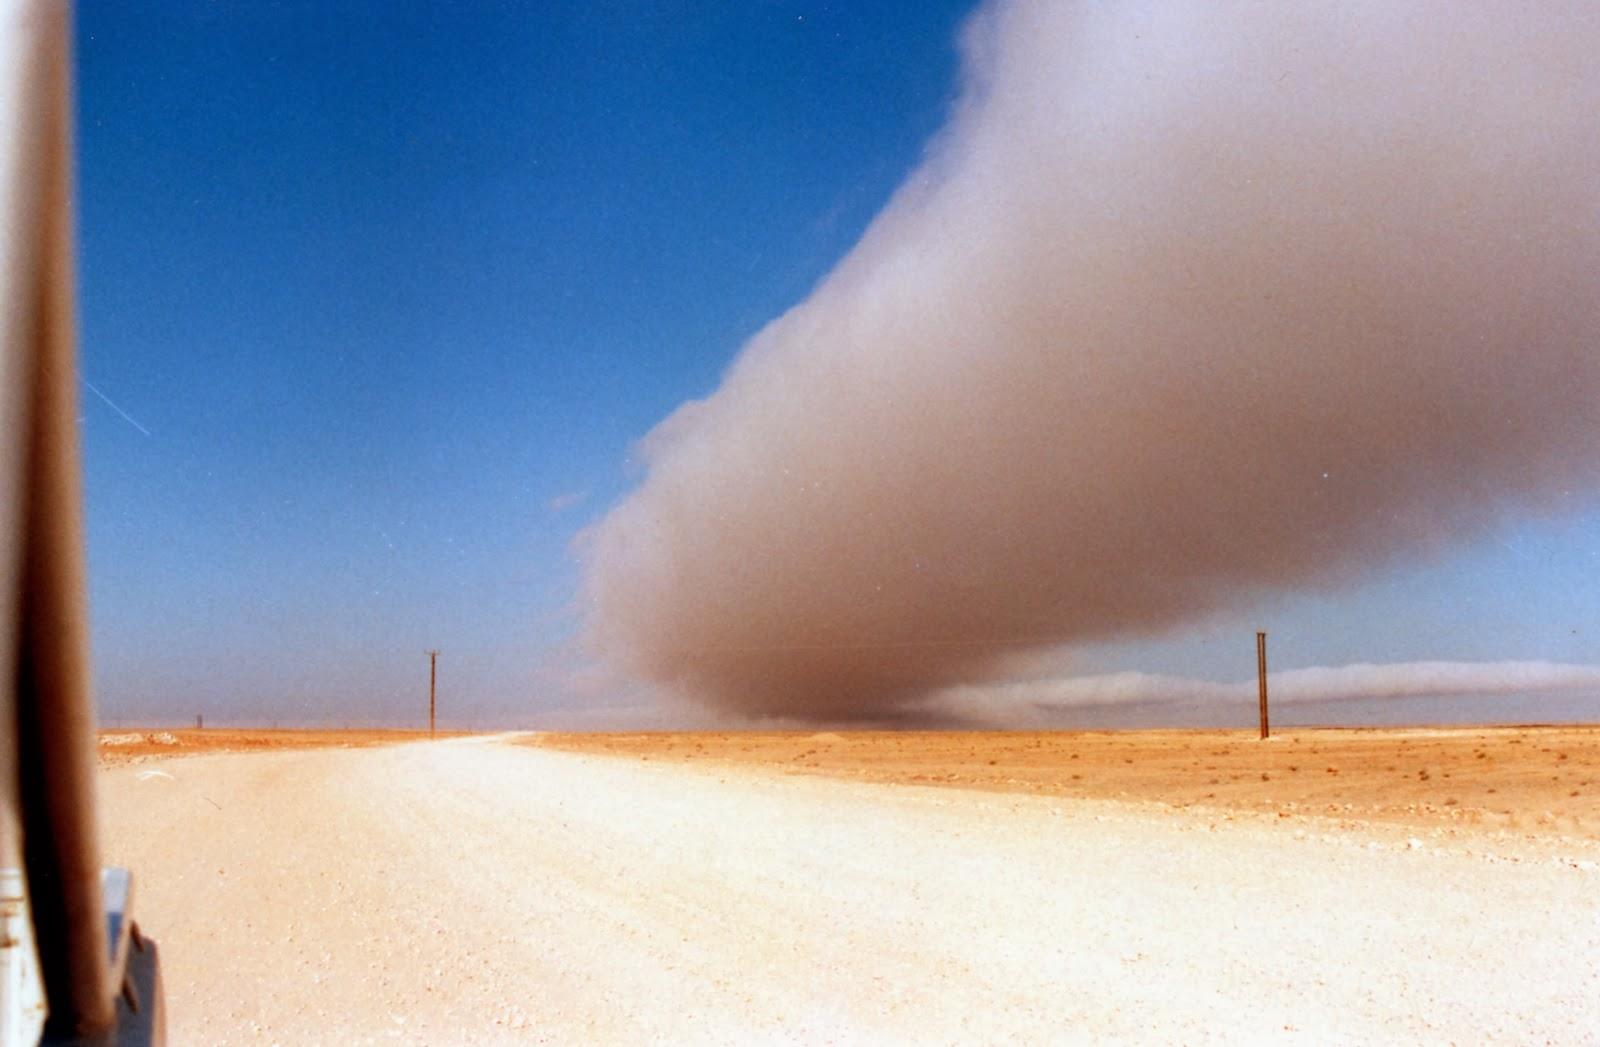 Bienvenidos al nuevo foro de apoyo a Noe #272 / 03.07.15 ~ 09.07.15 - Página 4 Nube+tubular+captada+en+Dhofar,+Oman+al+este+de+Yemen+...